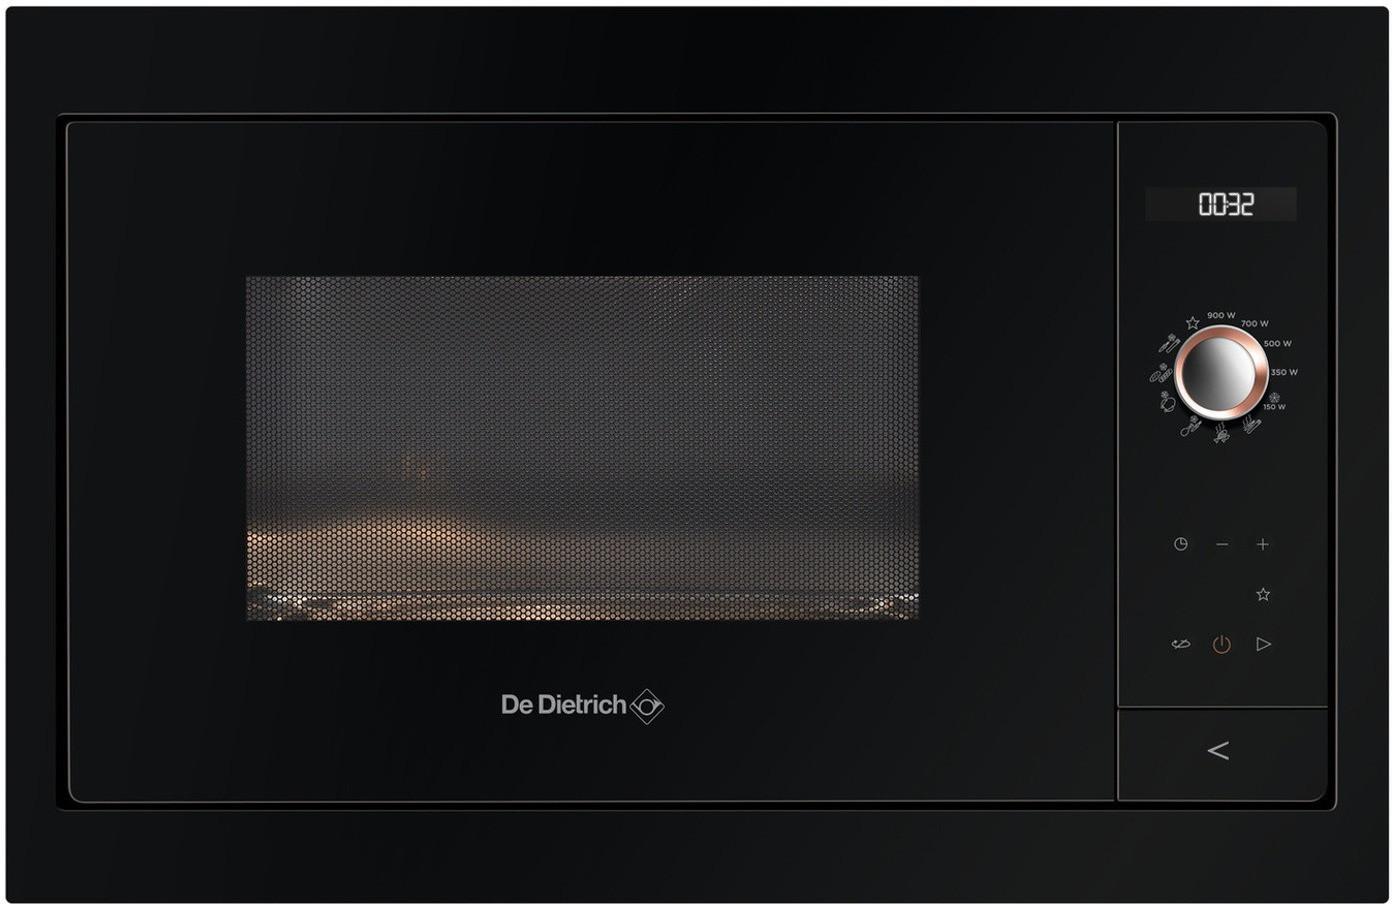 Image of De Dietrich DME7121X platinum